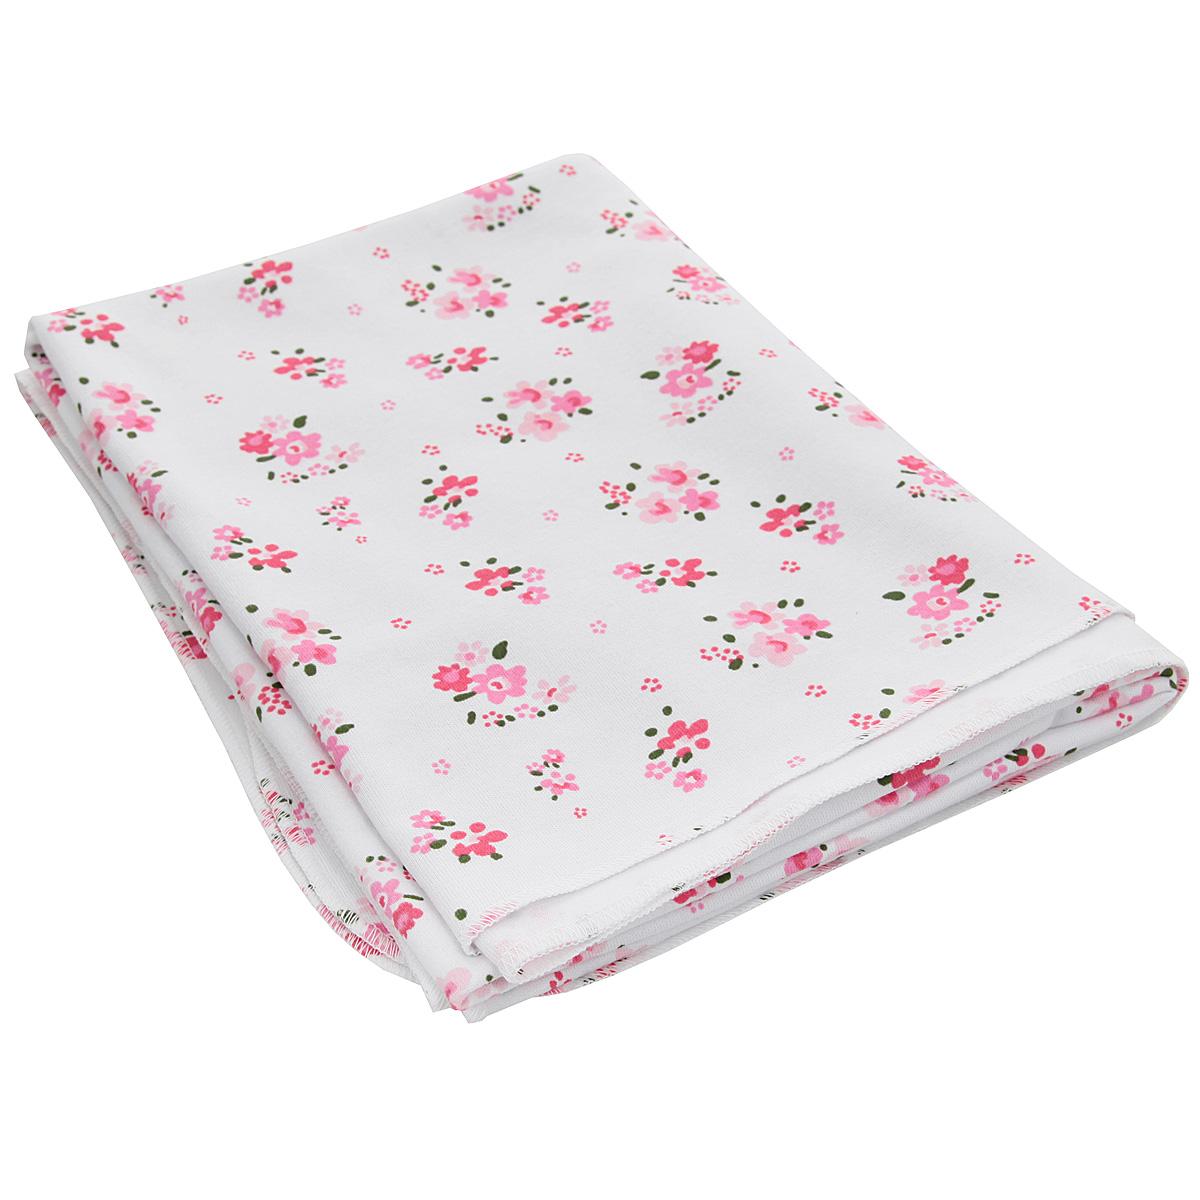 Пеленка трикотажная Трон-Плюс Цветы, цвет: белый, розовый, 120 см х 90 см пеленка трикотажная трон плюс цвет розовый 120 см х 90 см